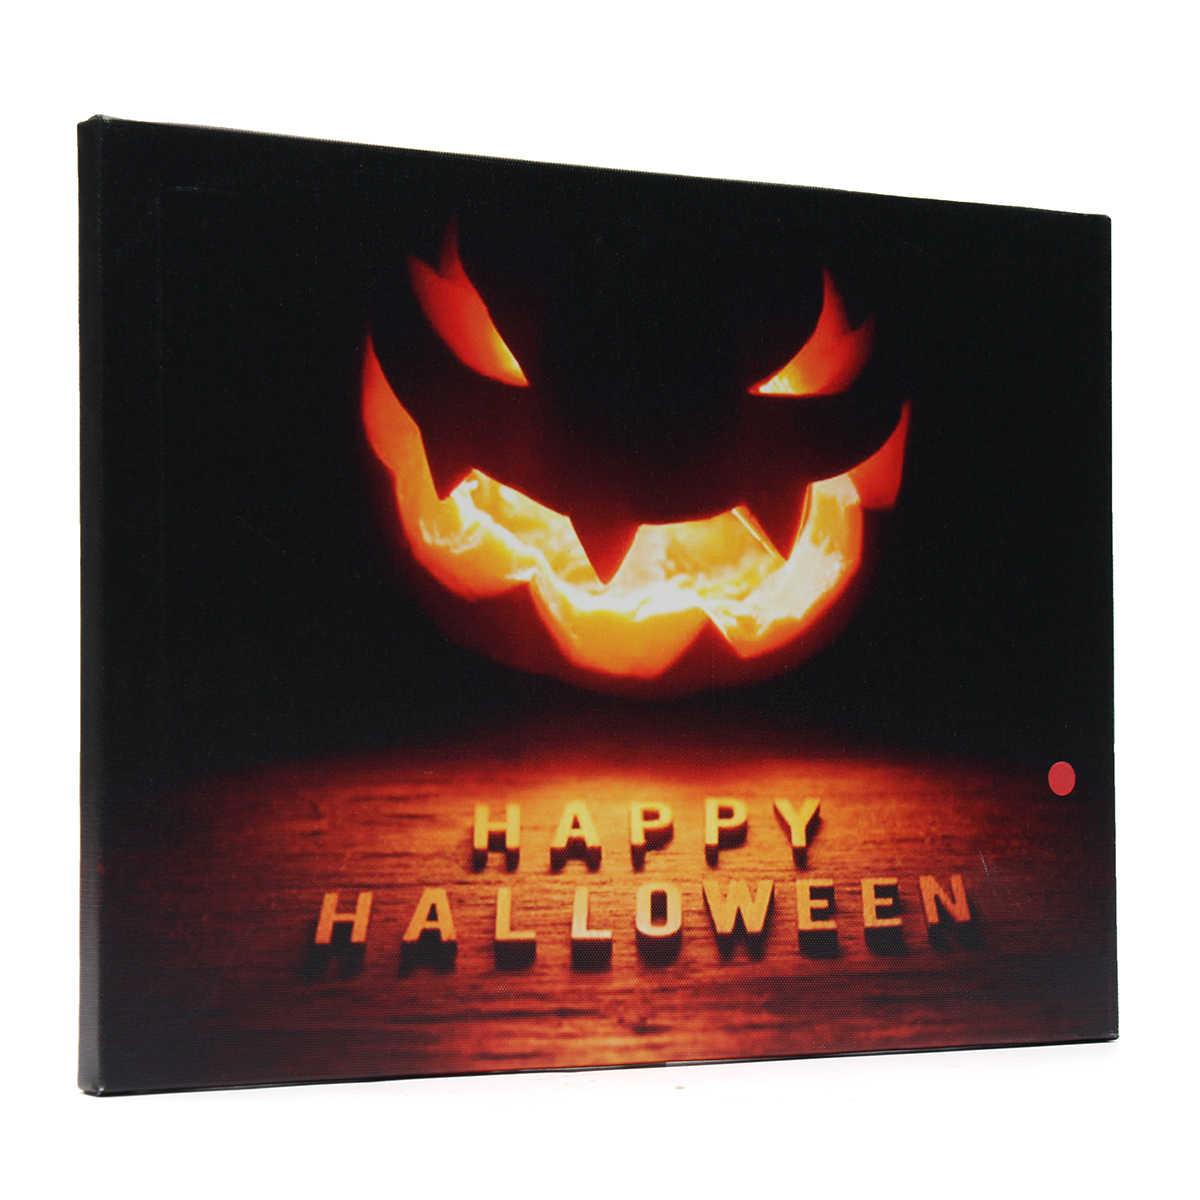 Украшение на празднование Хэллоуина Тыква светодиодный светлые холщовые картины Висячие 40*30 см праздничные и вечерние принадлежности